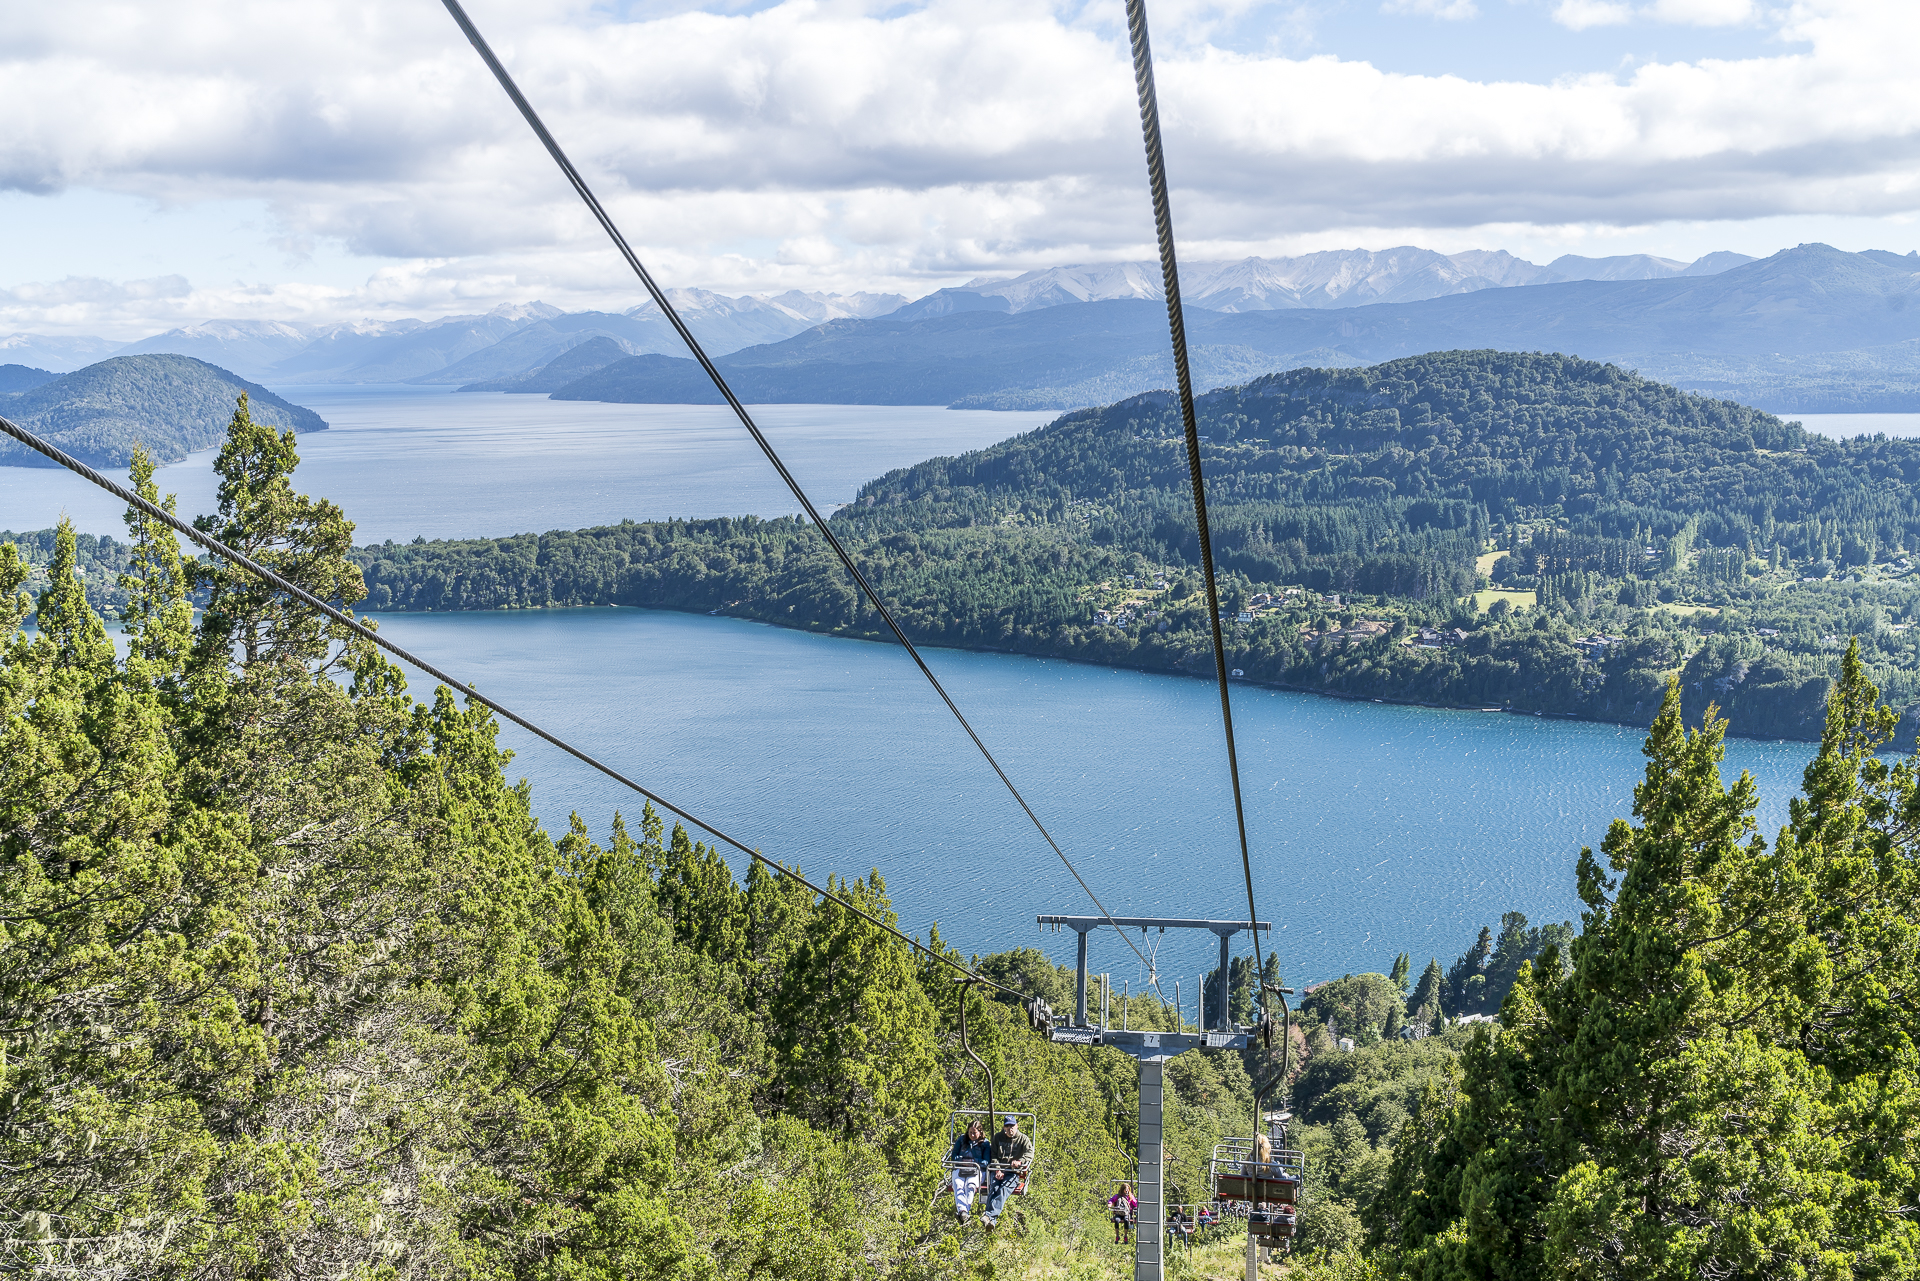 Seilbahn Cerro Campanario Bariloche